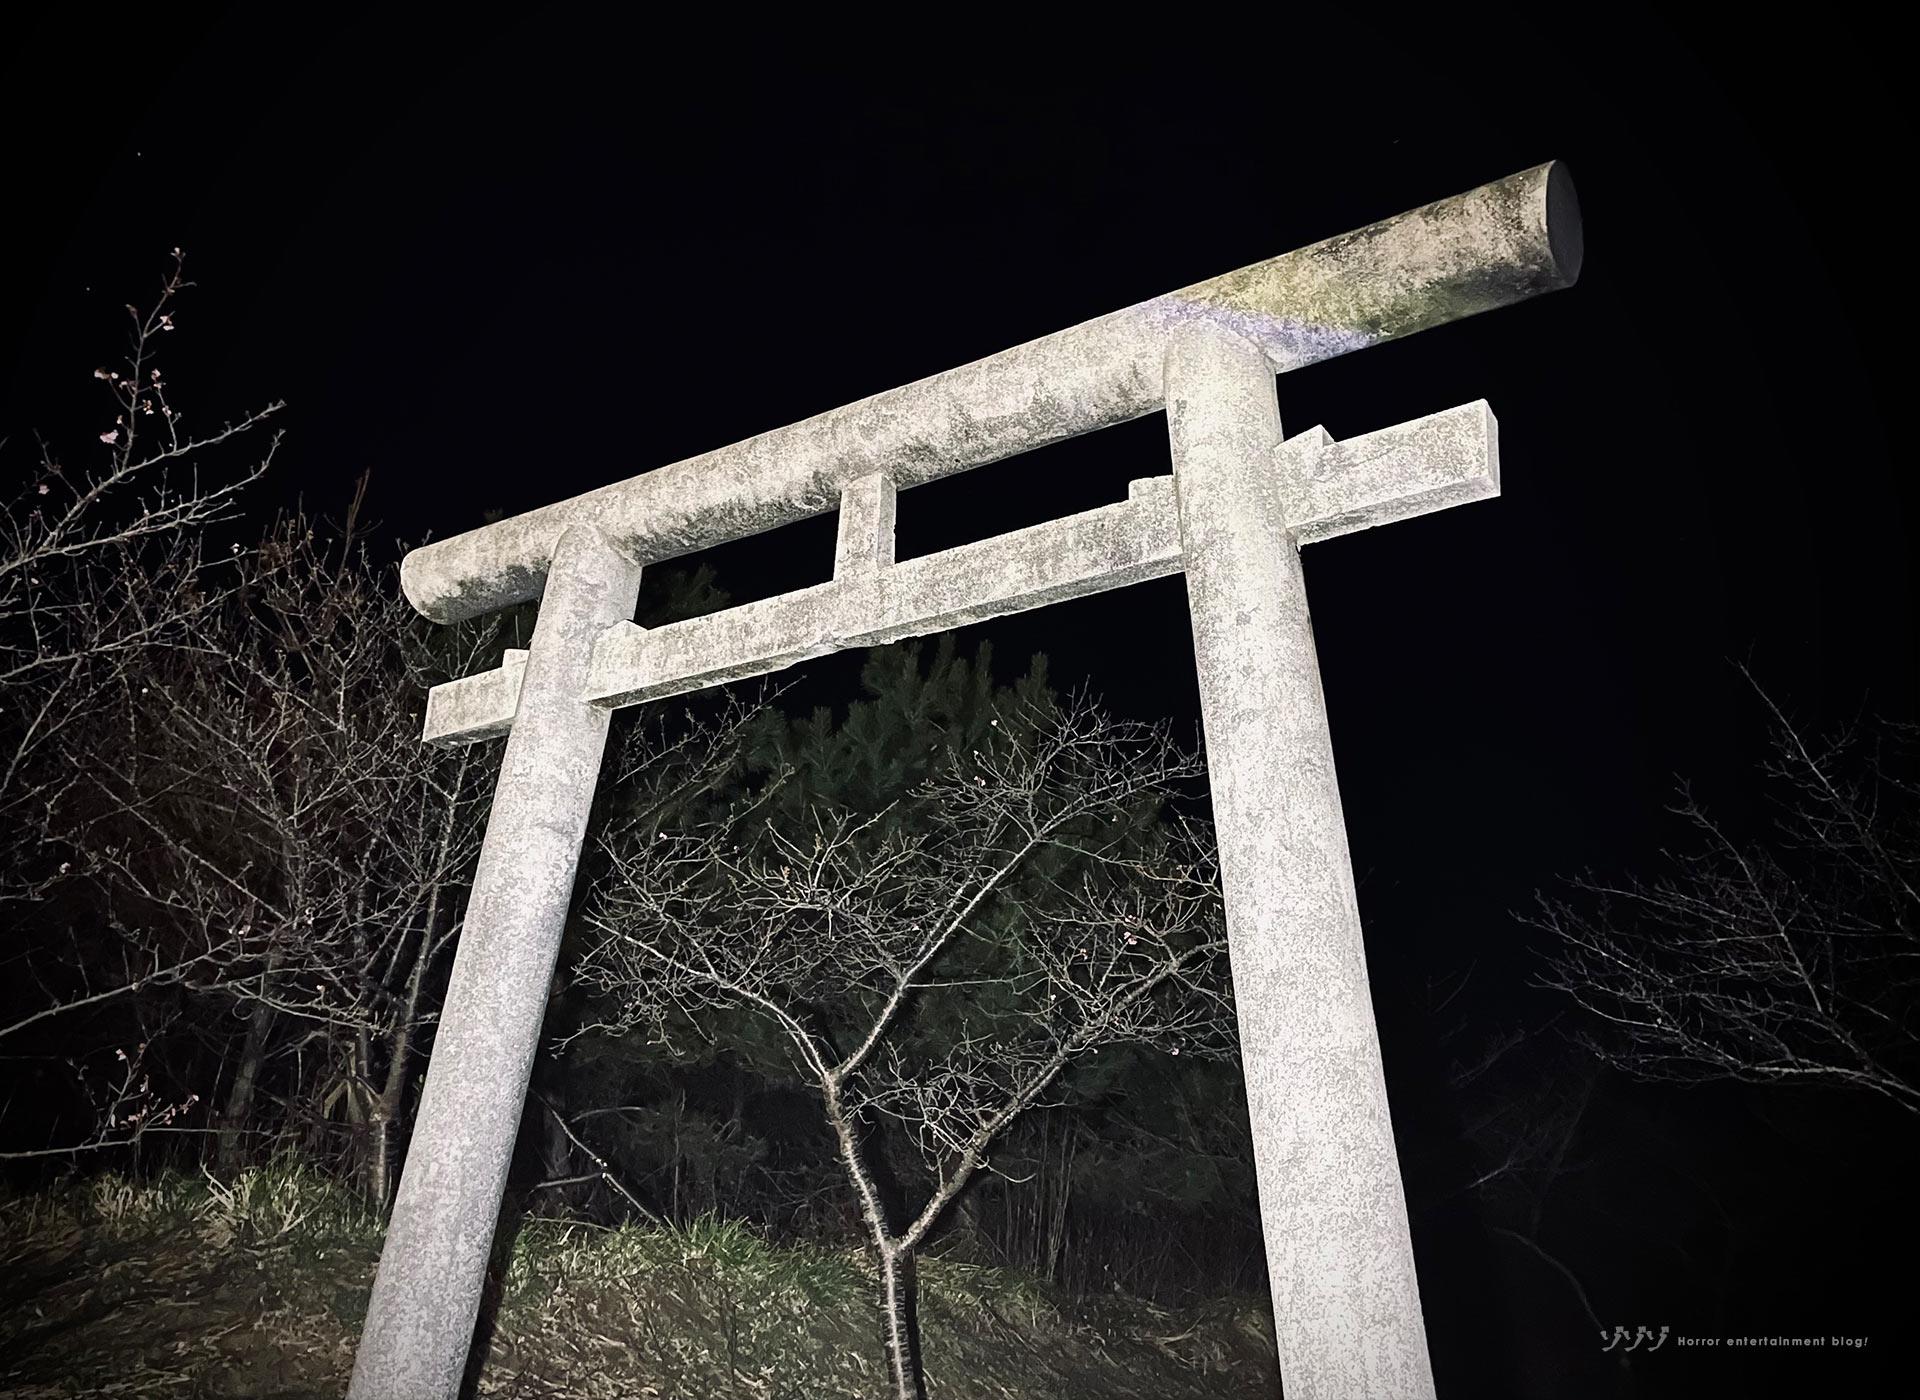 【シリーズ・心霊スポット】地図から消えた海岸